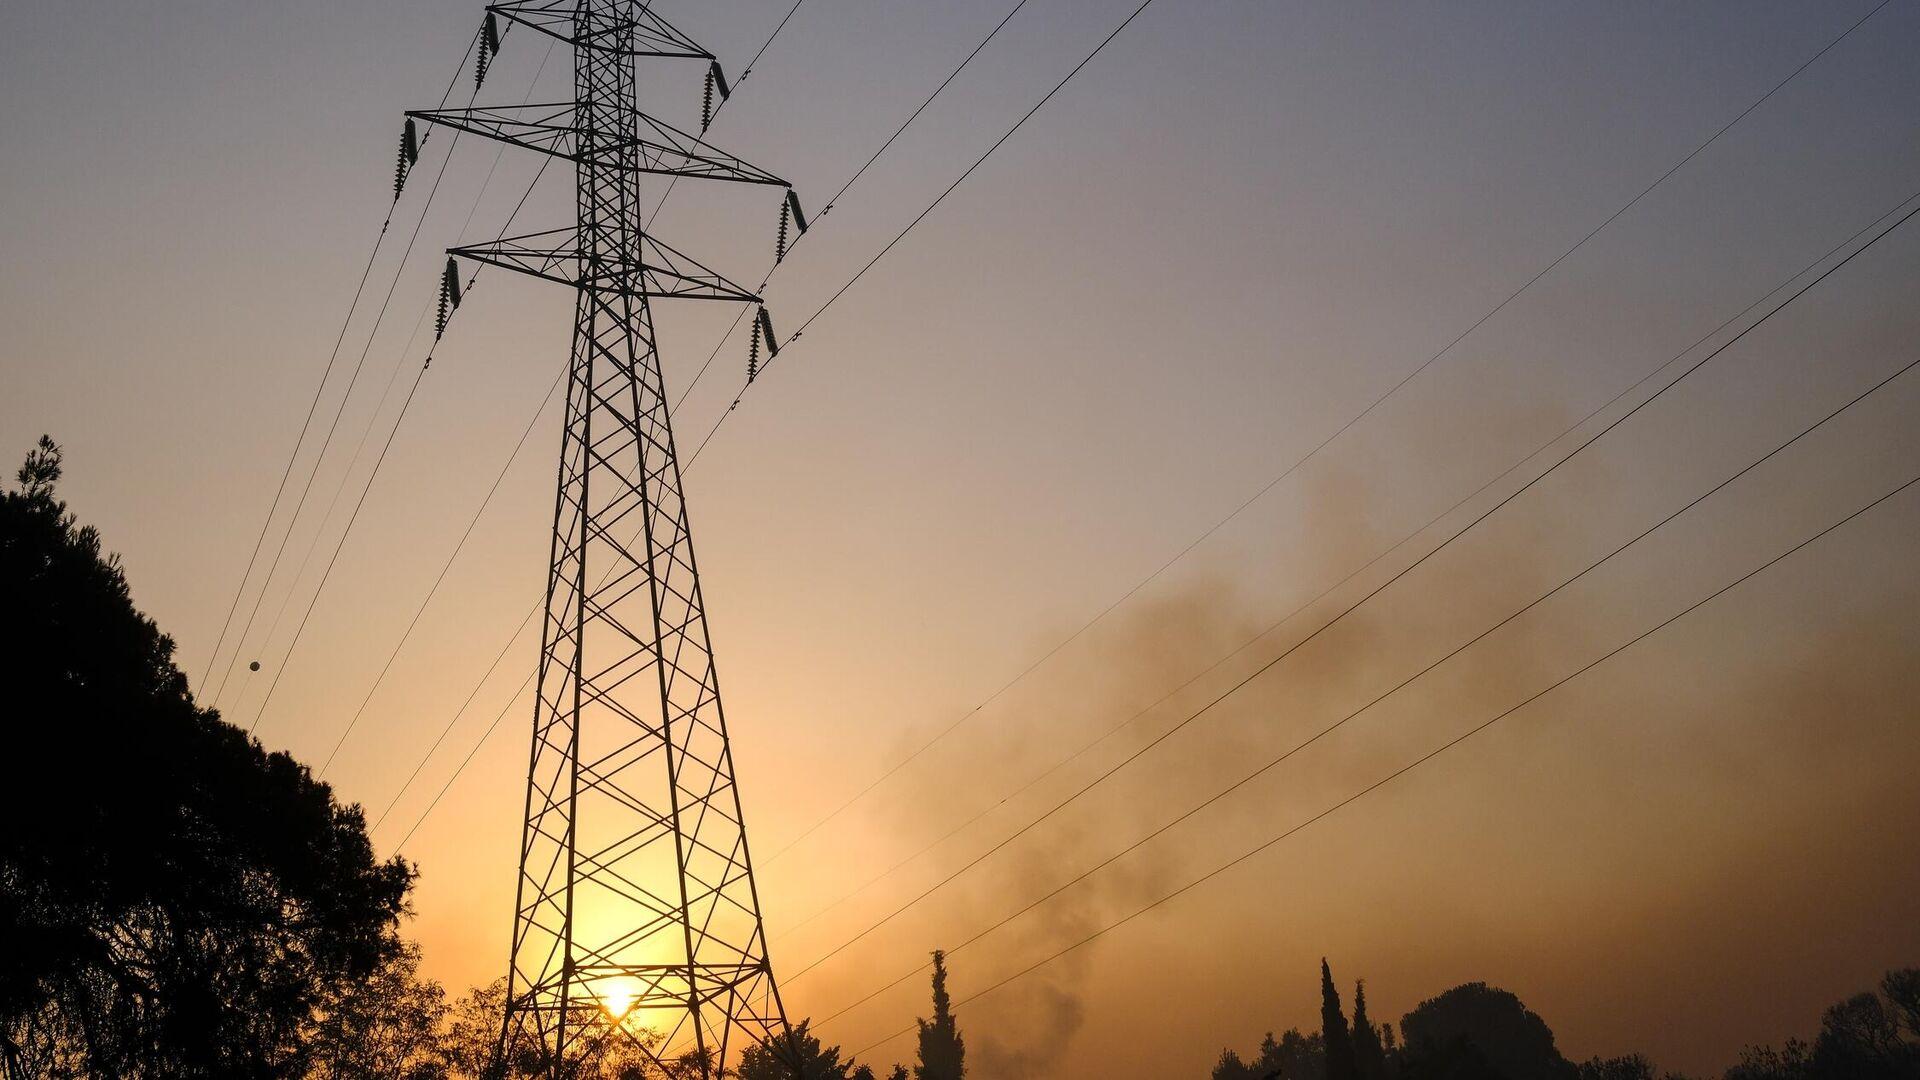 Διακοπές ρεύματος λόγω πυρκαγιών - Sputnik Ελλάδα, 1920, 06.08.2021